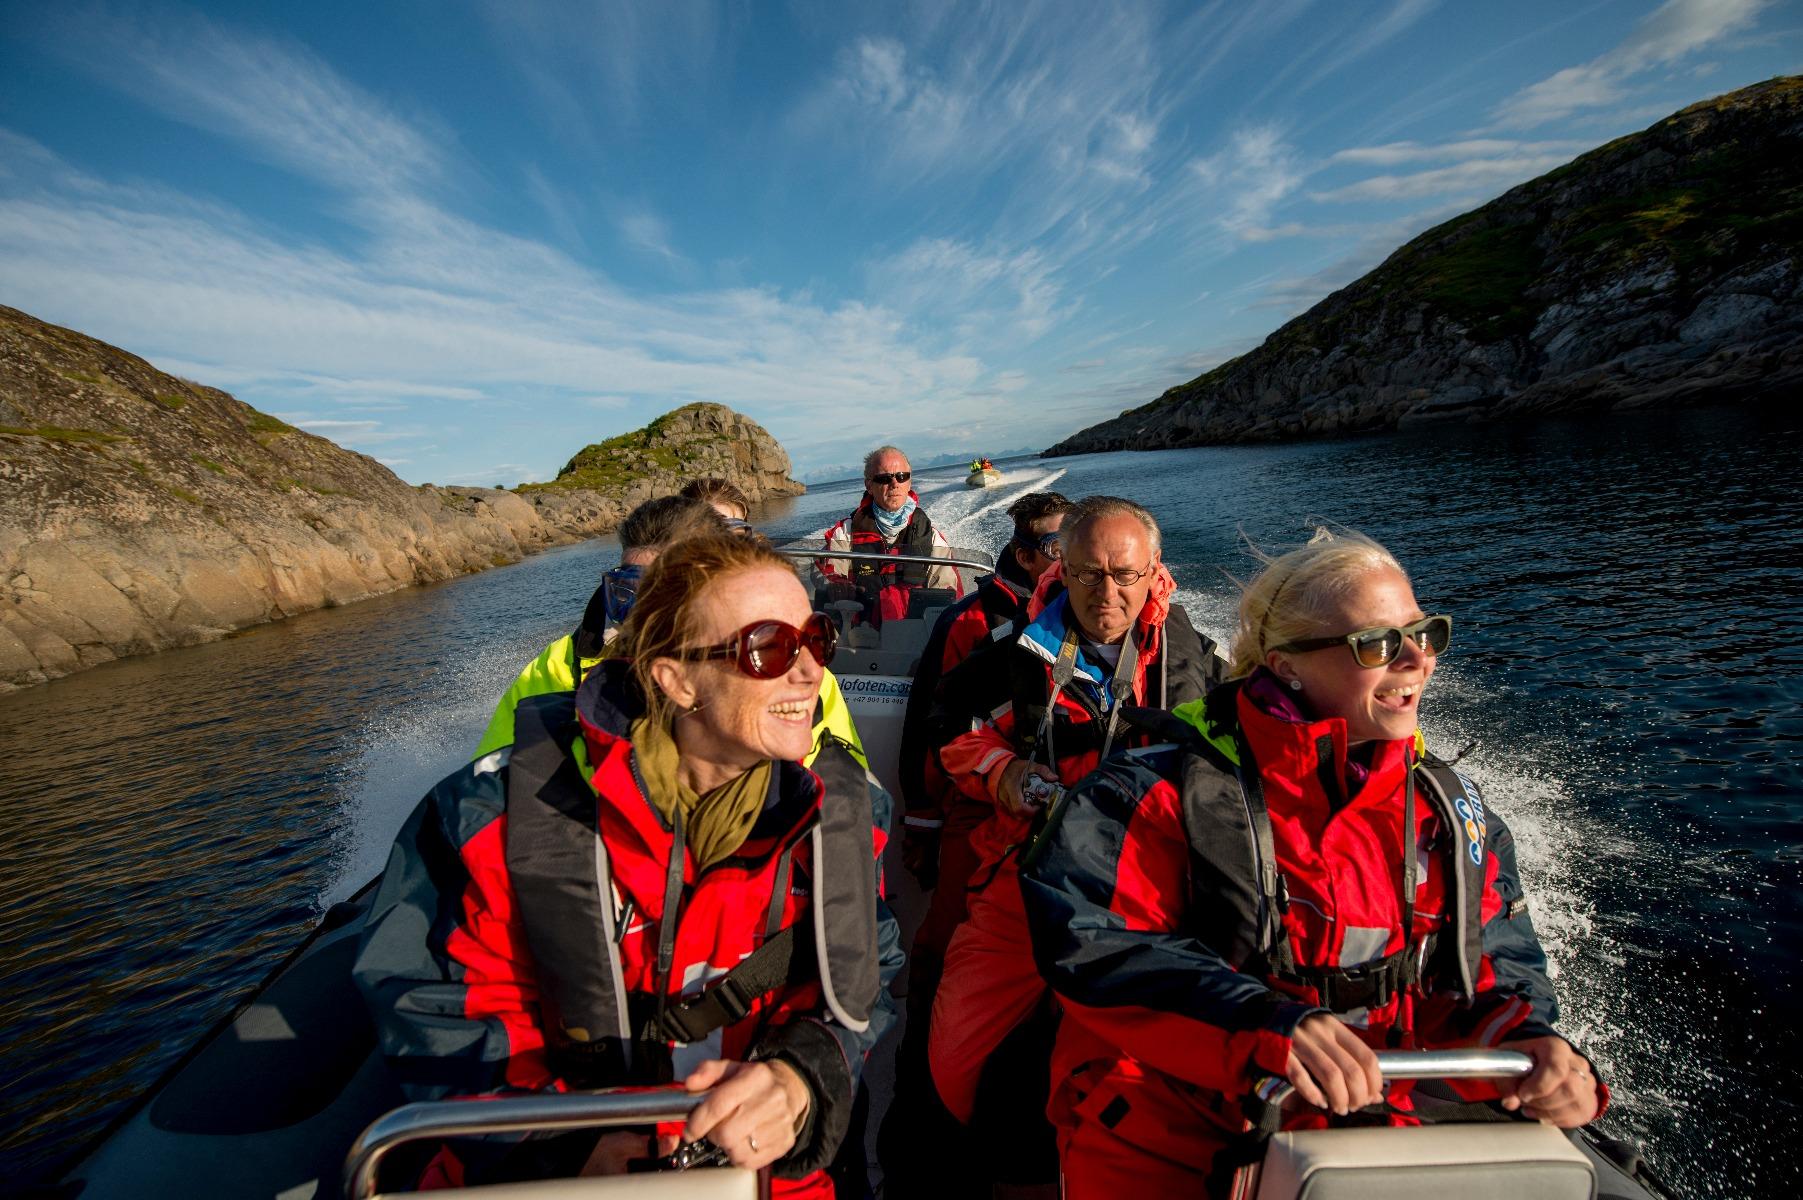 Bådsafari med mulighed for at at se hvaler, sæler og fugle